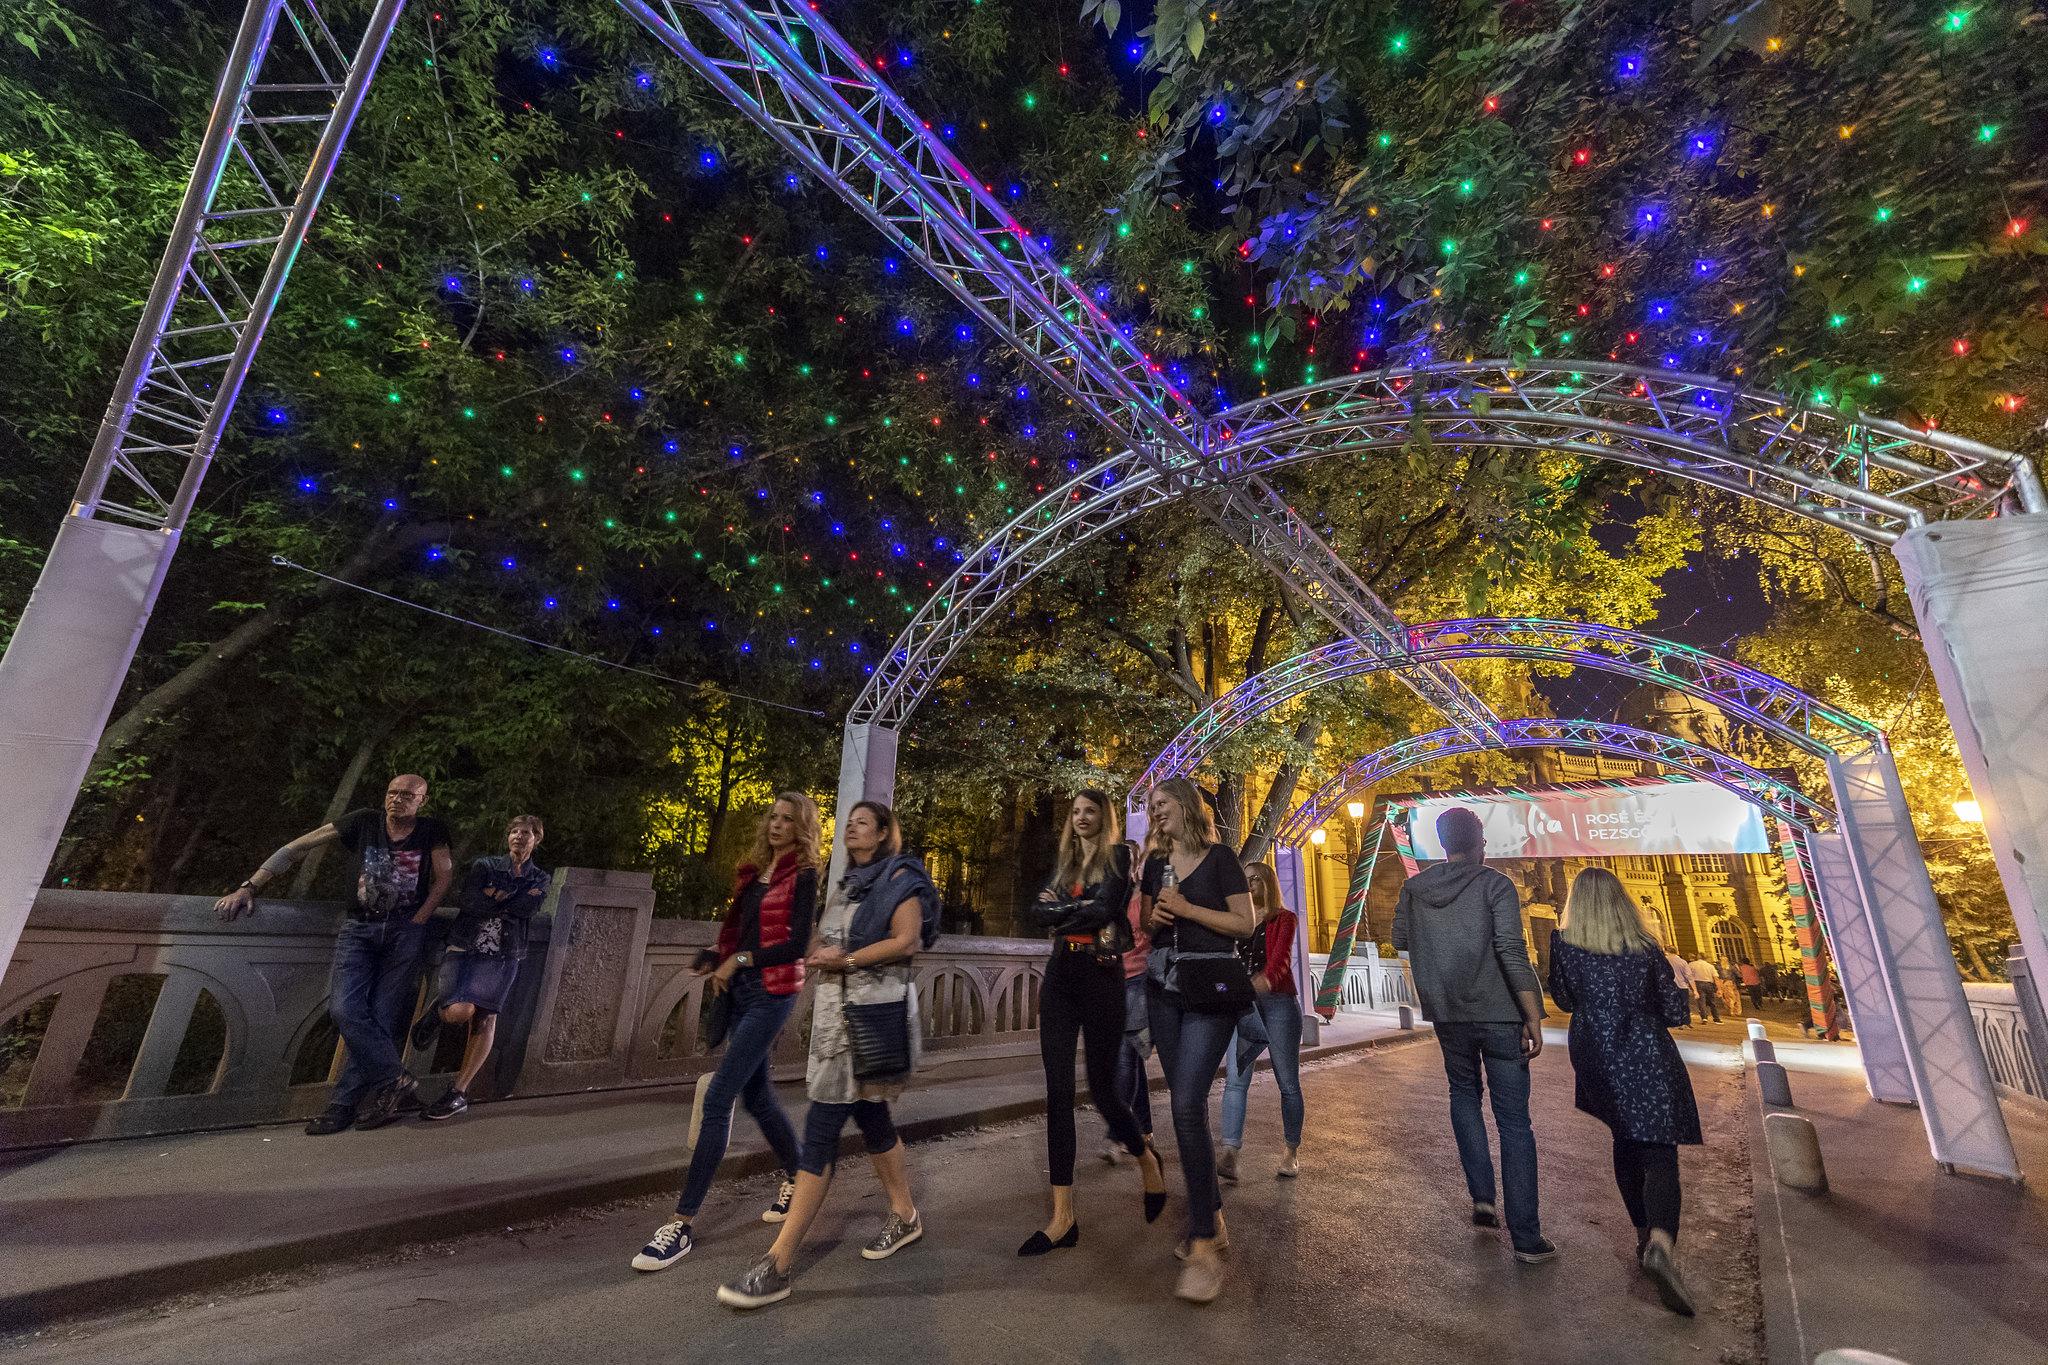 Finom borok, street food és élő koncertek várnak a Városliget nyári fesztiválján